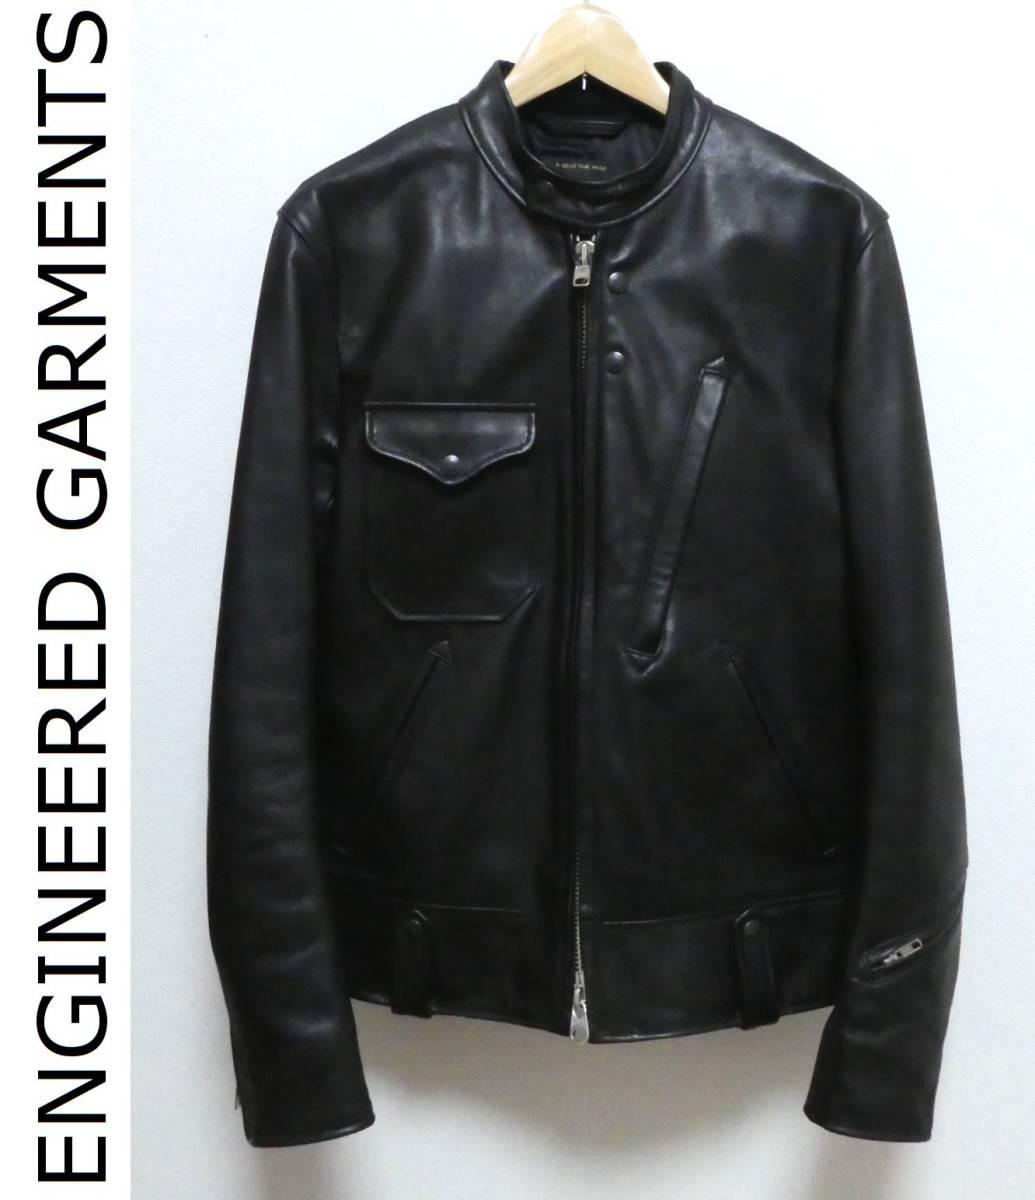 USA製 エンジニアードガーメンツ×ゴールデンベア Engineered Garments×GOLDEN BEAR 馬革 ホースハイド ライダースジャケット クラブマン